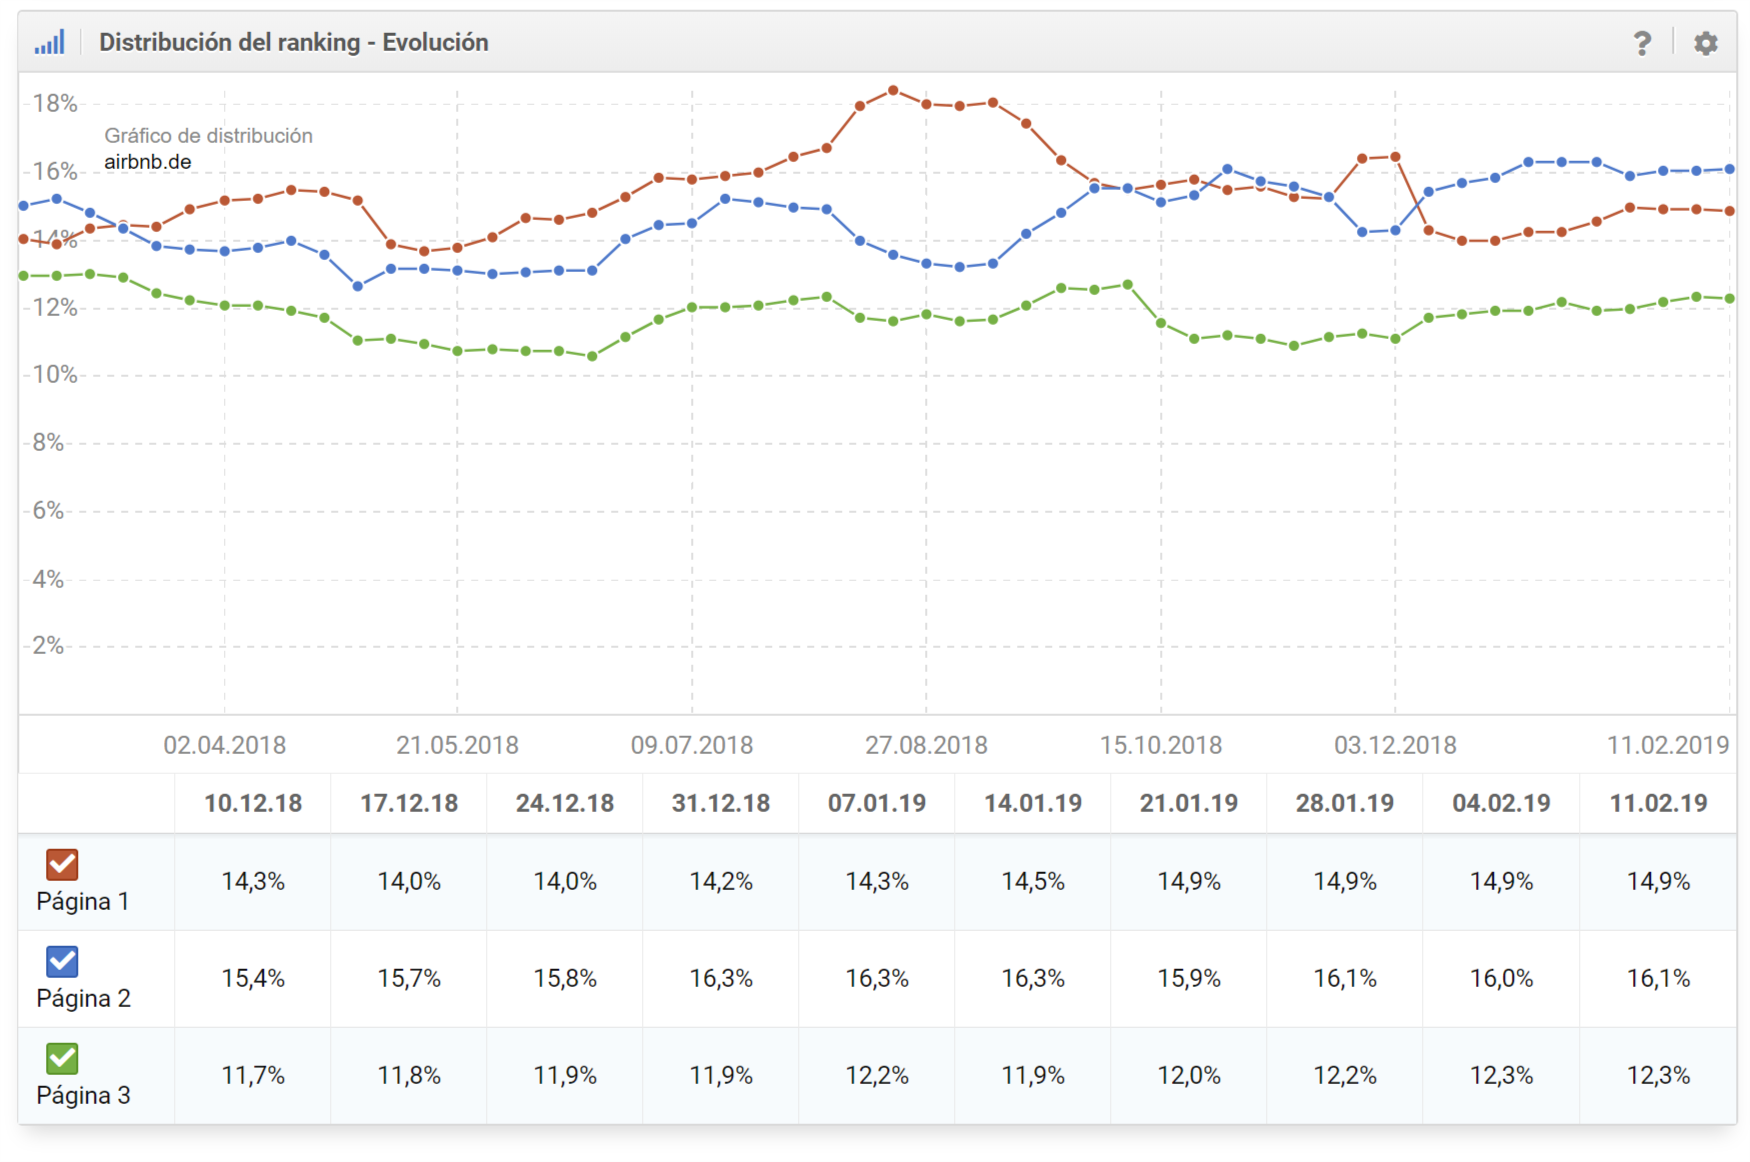 Distribución del ranking para el dominio airbnb.de